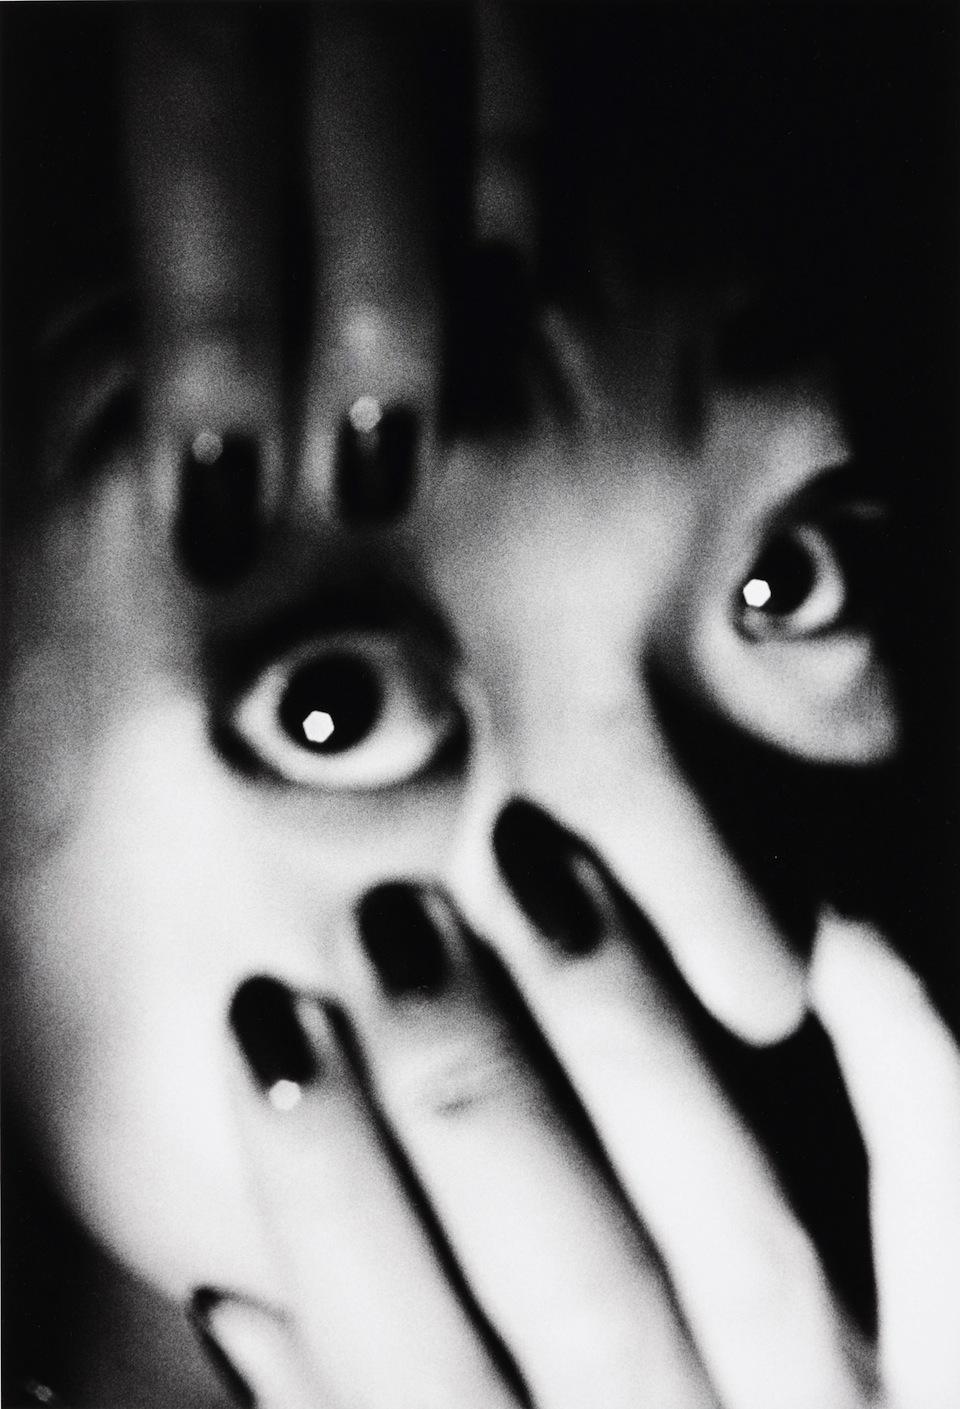 Daido Moriyama - 'Eyeball'